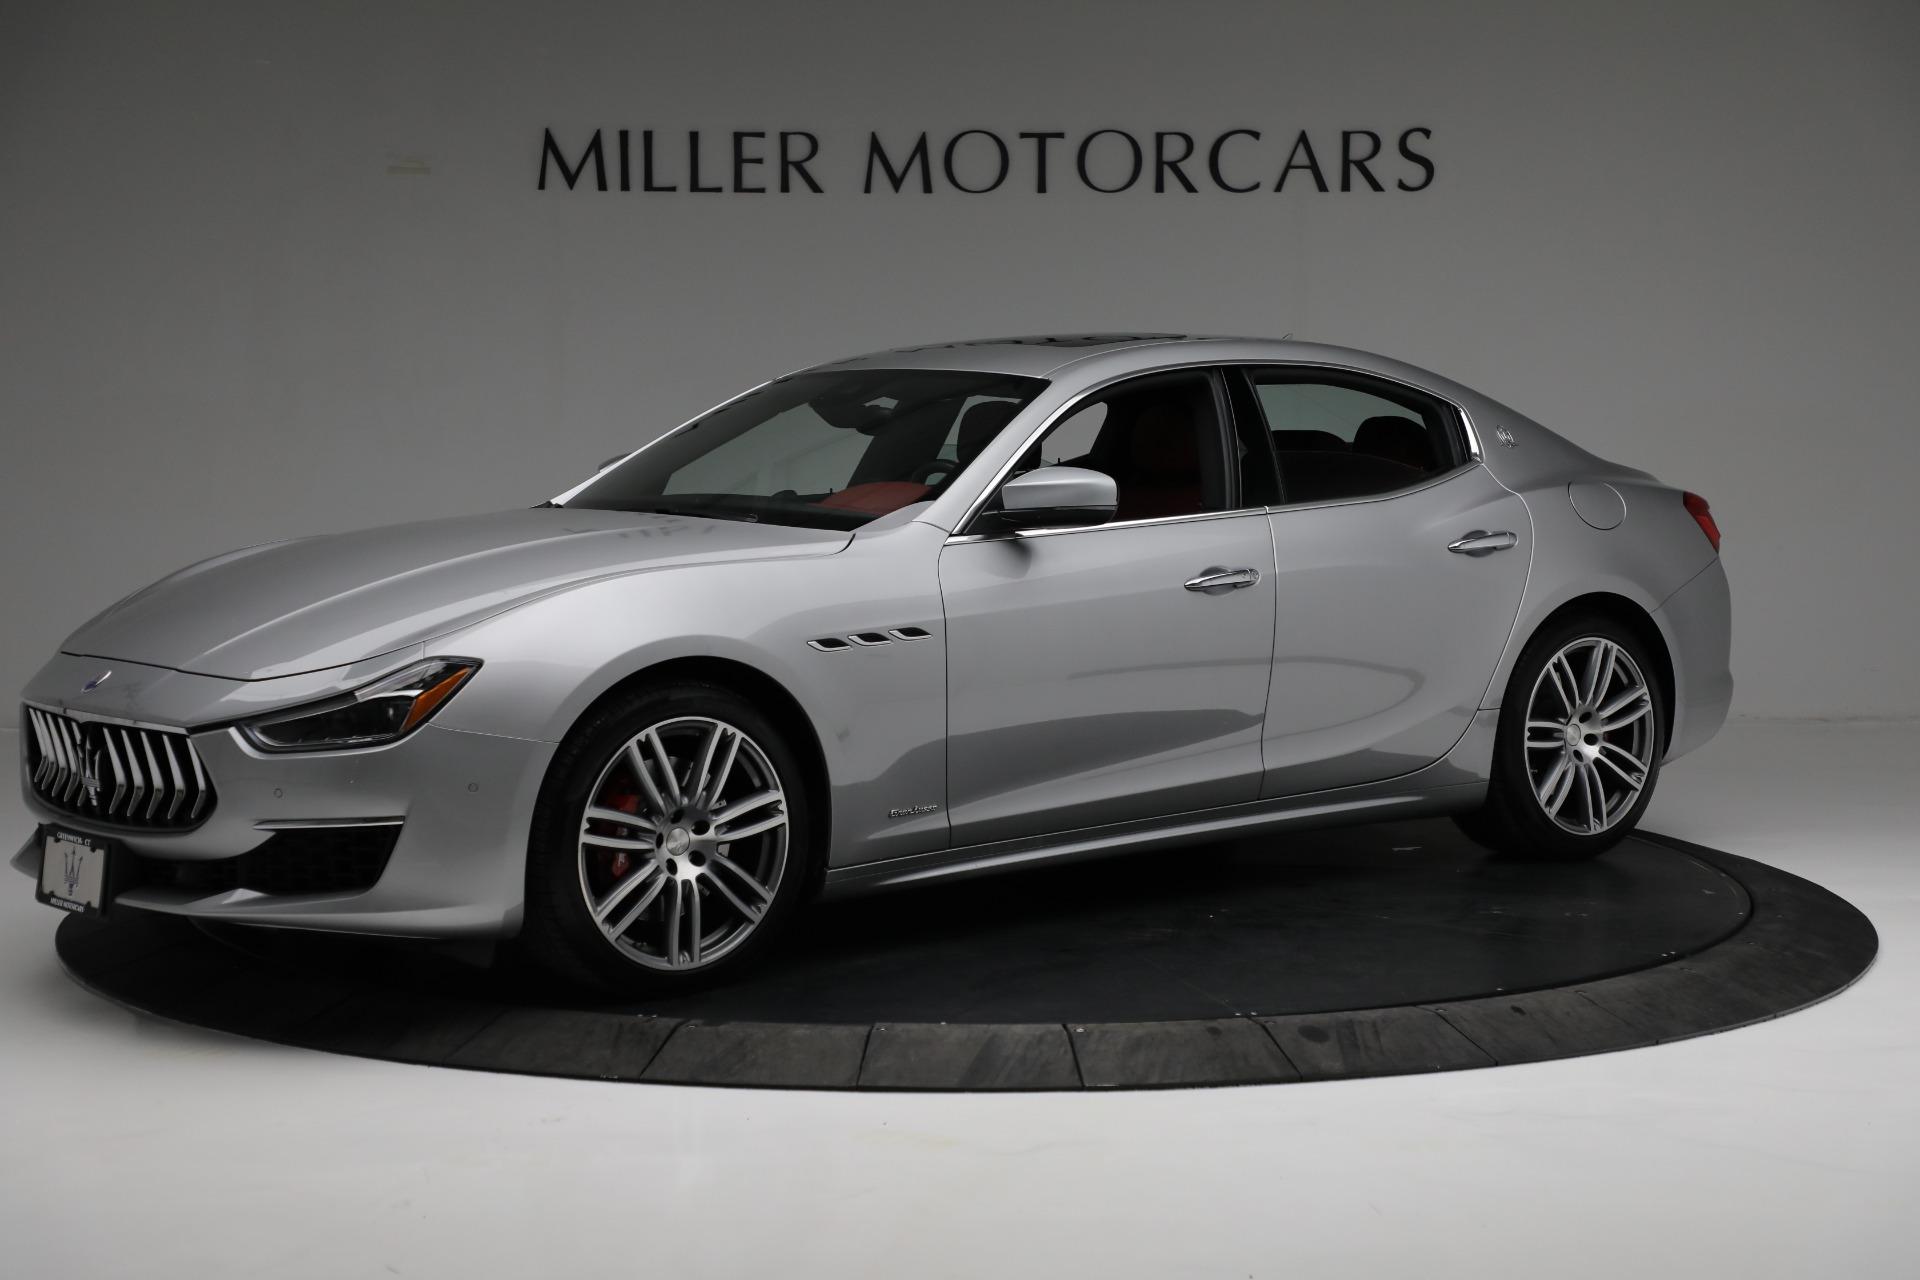 New 2018 Maserati Ghibli S Q4 GranLusso For Sale In Greenwich, CT 1810_p2